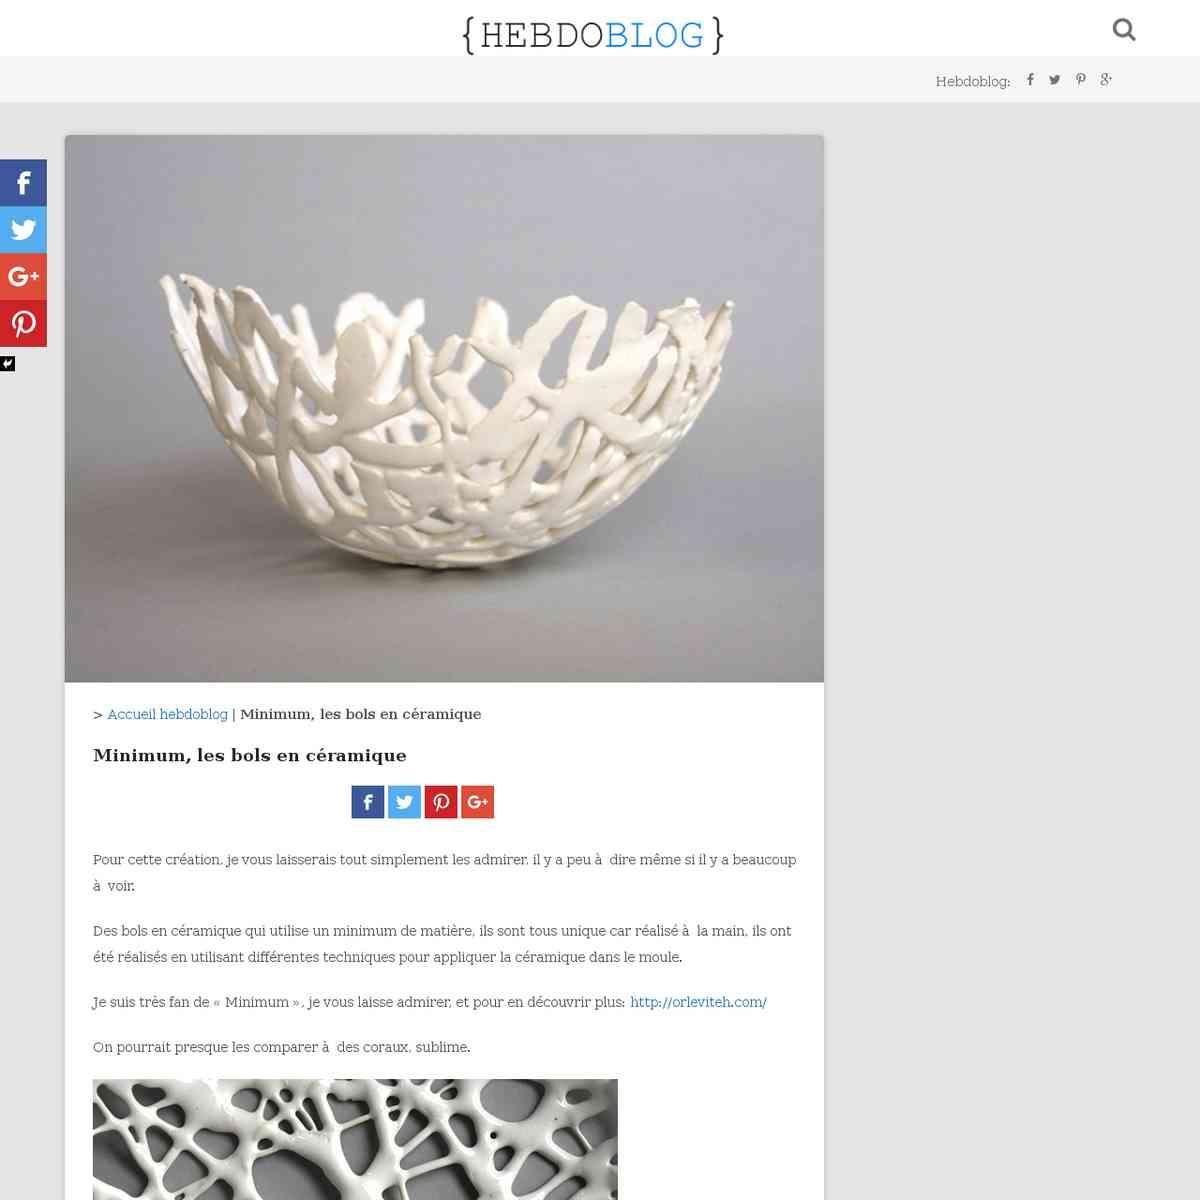 hebdoblog.com/2011/08/03/minimum-les-bols-en-ceramique/?utm_source=Triggermail&utm_medium=email&utm_